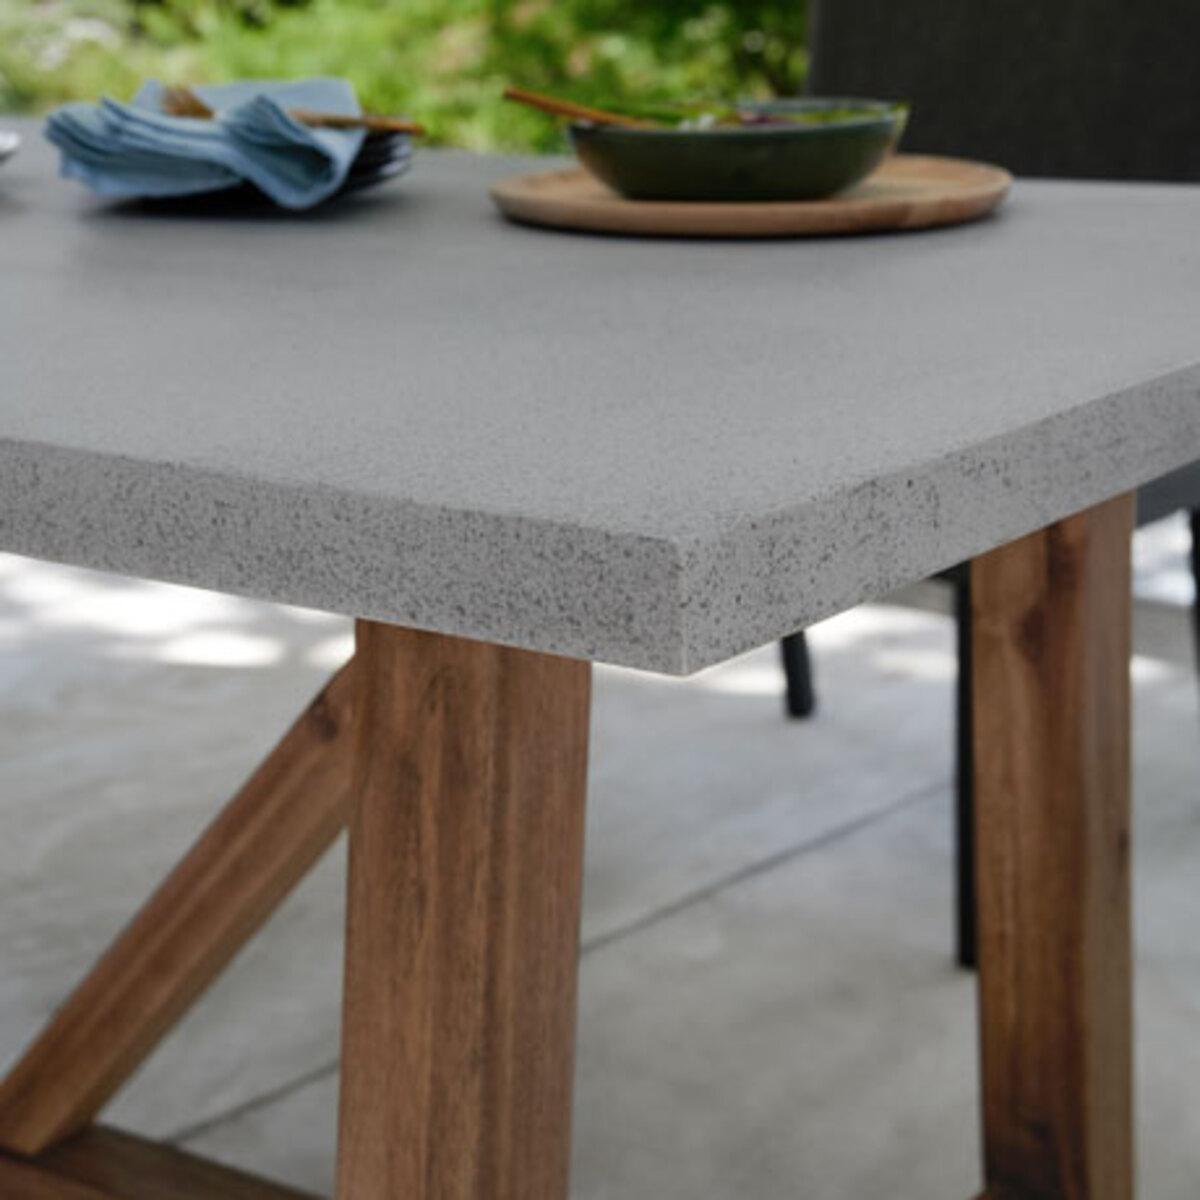 Bild 5 von Gartentisch in Betonoptik